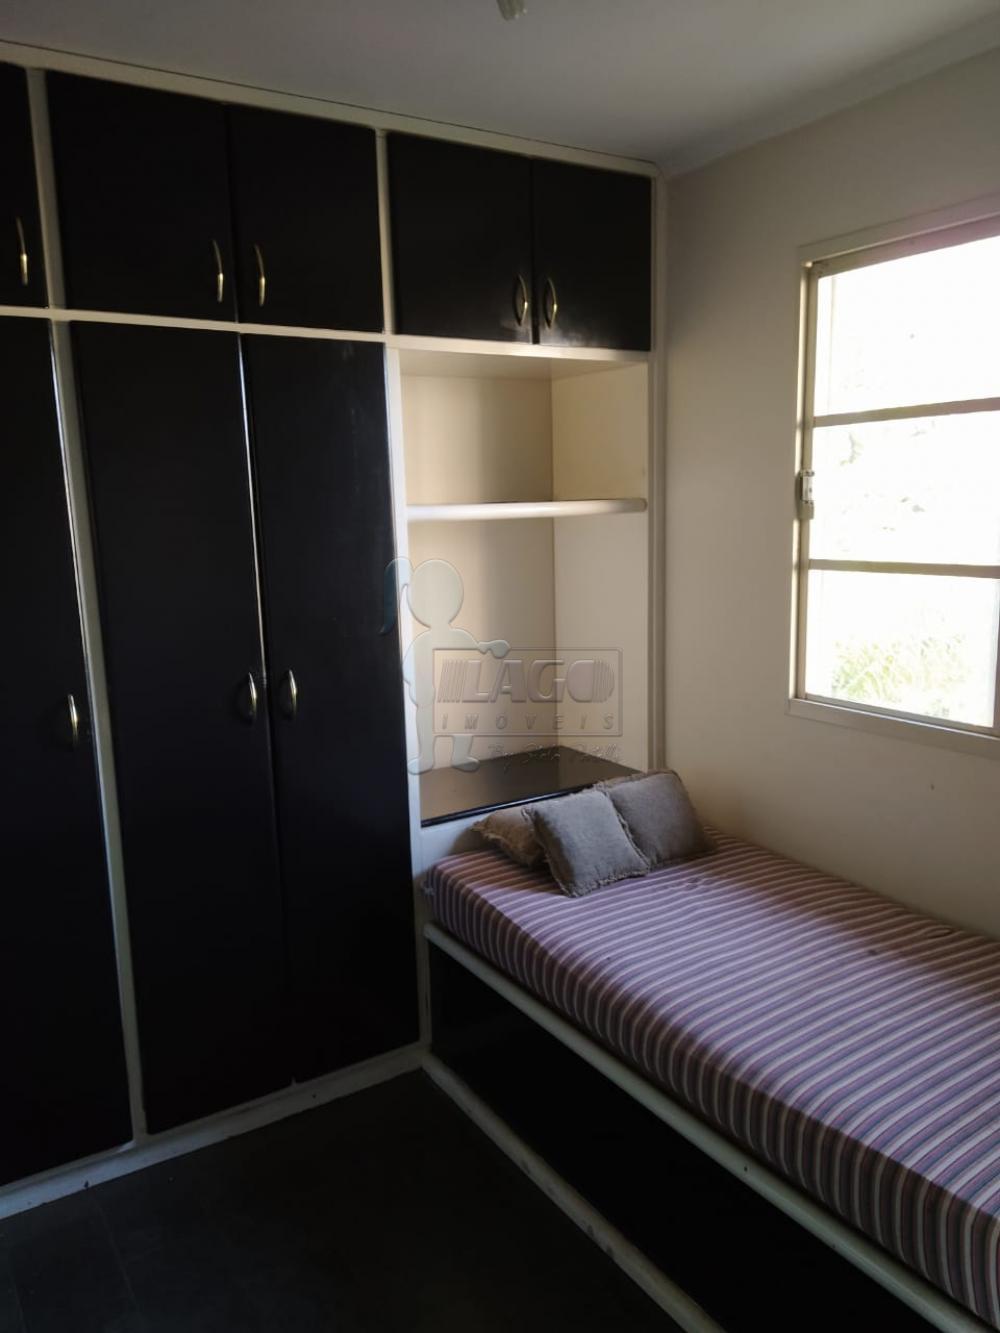 Comprar Apartamento / Padrão em Ribeirão Preto apenas R$ 130.000,00 - Foto 1